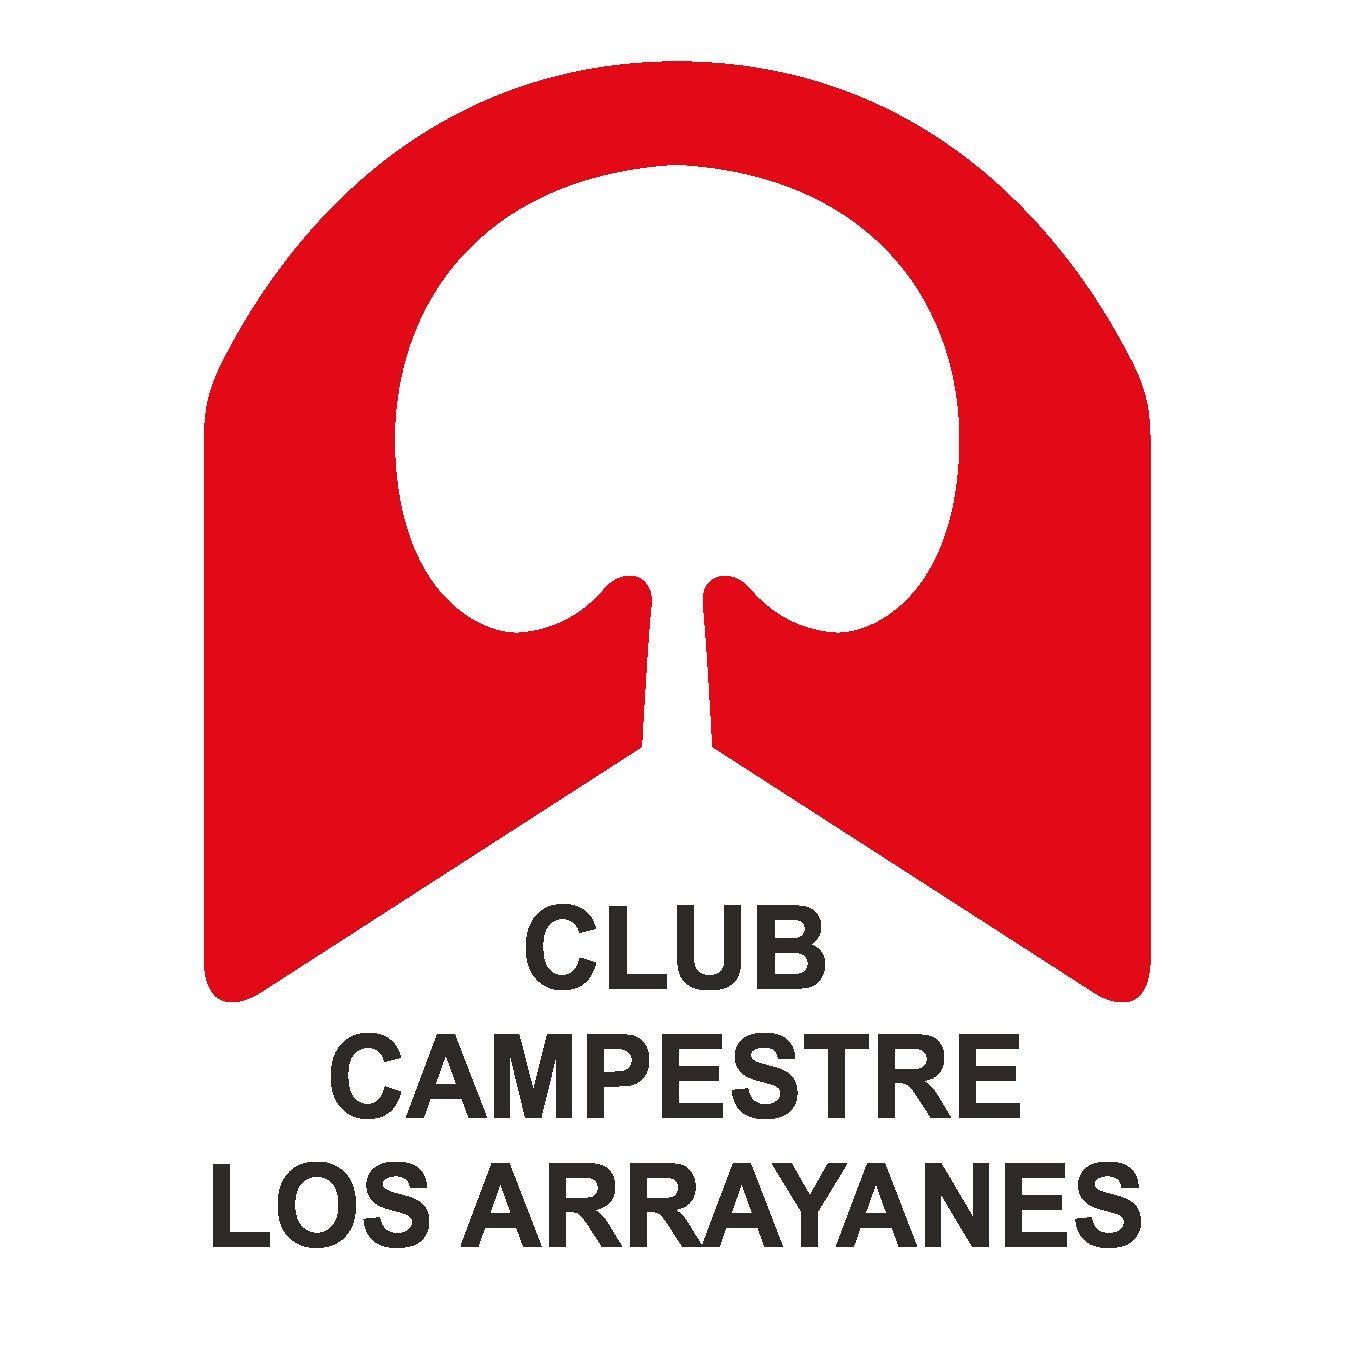 Club Campestre Los Arrayanes